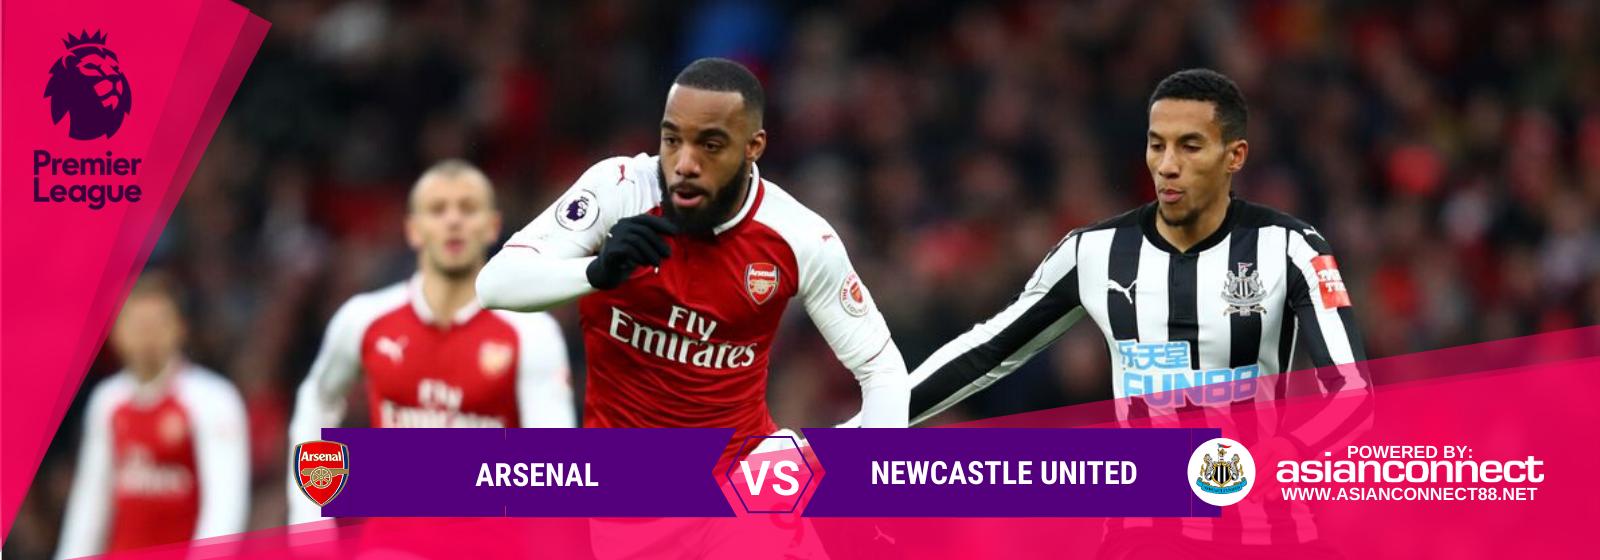 Asianconnect: Arsenal vs Newcastle Utd Odds for February 16, 2020